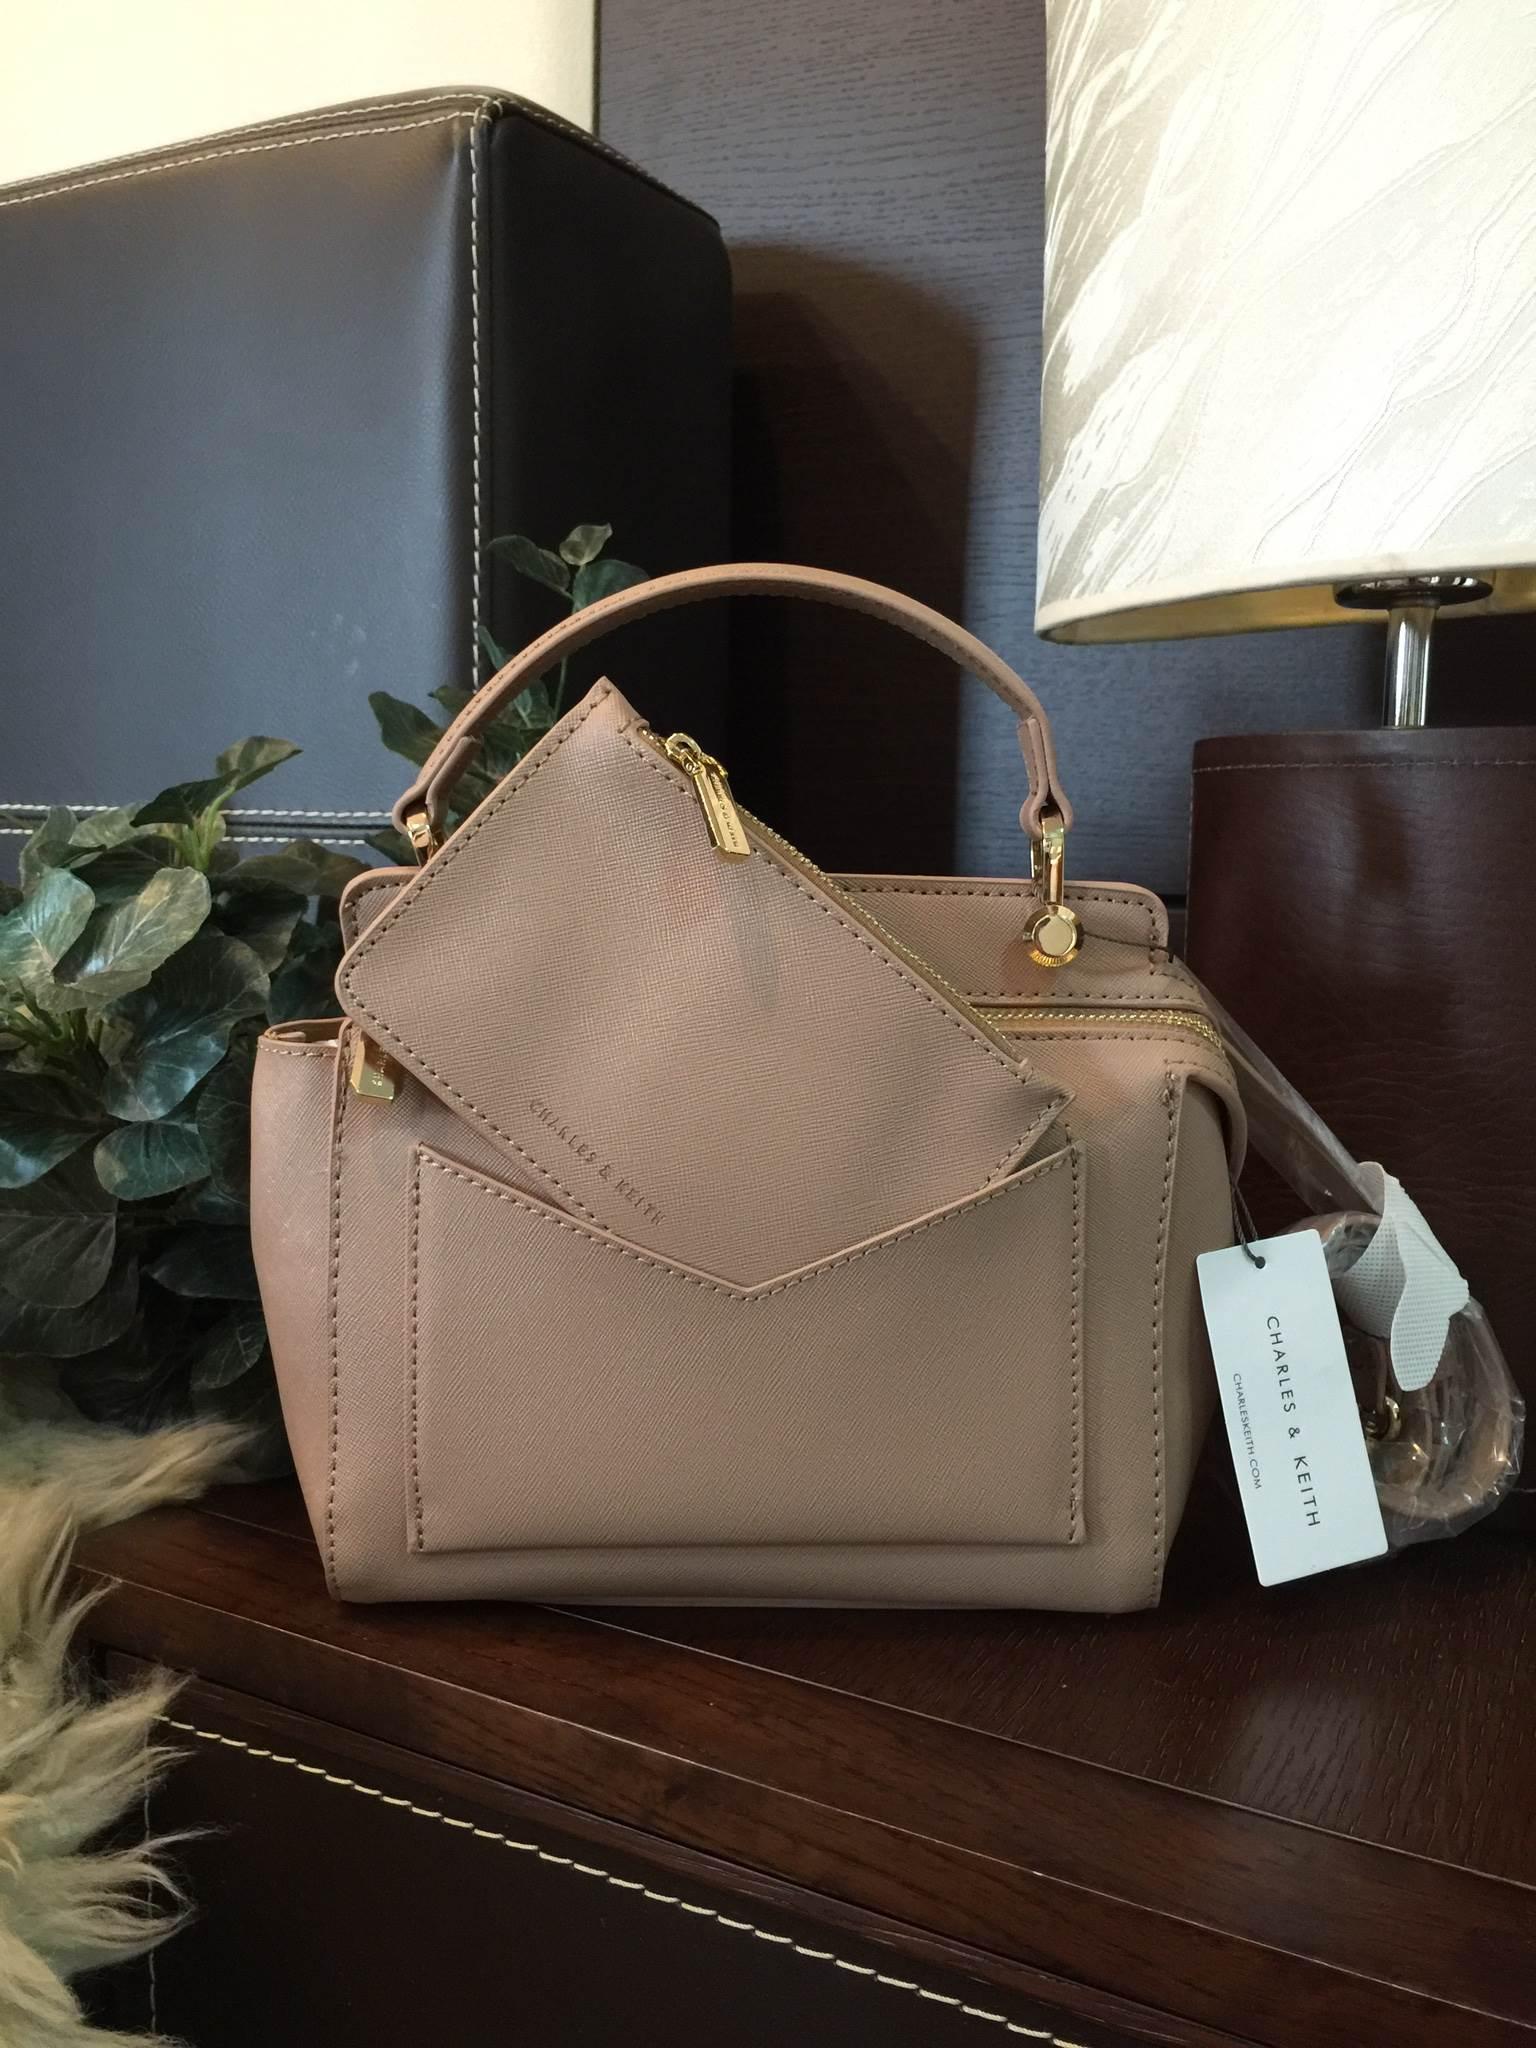 กระเป๋า CHARLES & KEITH TOP HANDLE BAG (Size Mini) Sand ราคา 1,490 บาท Free EMS